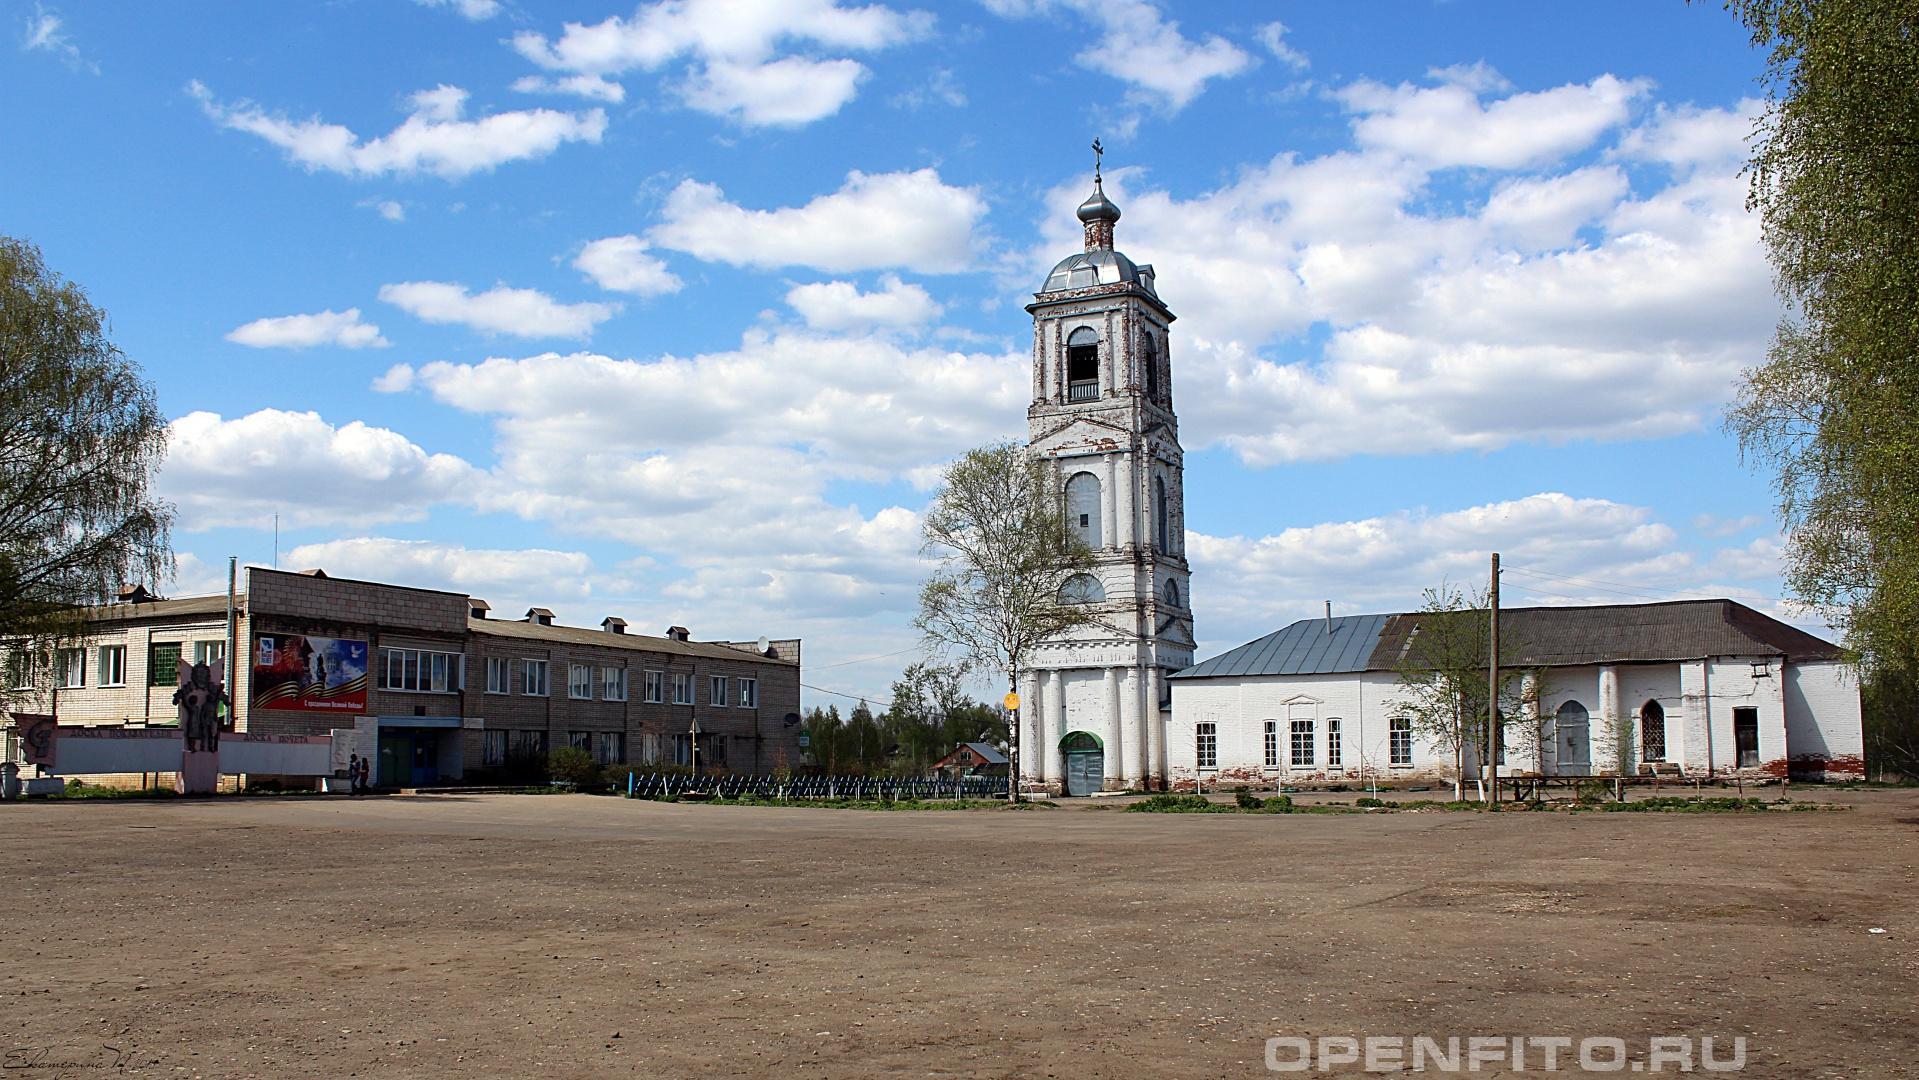 Церковь Воскресения Христова Ивановская область, село Осановец.